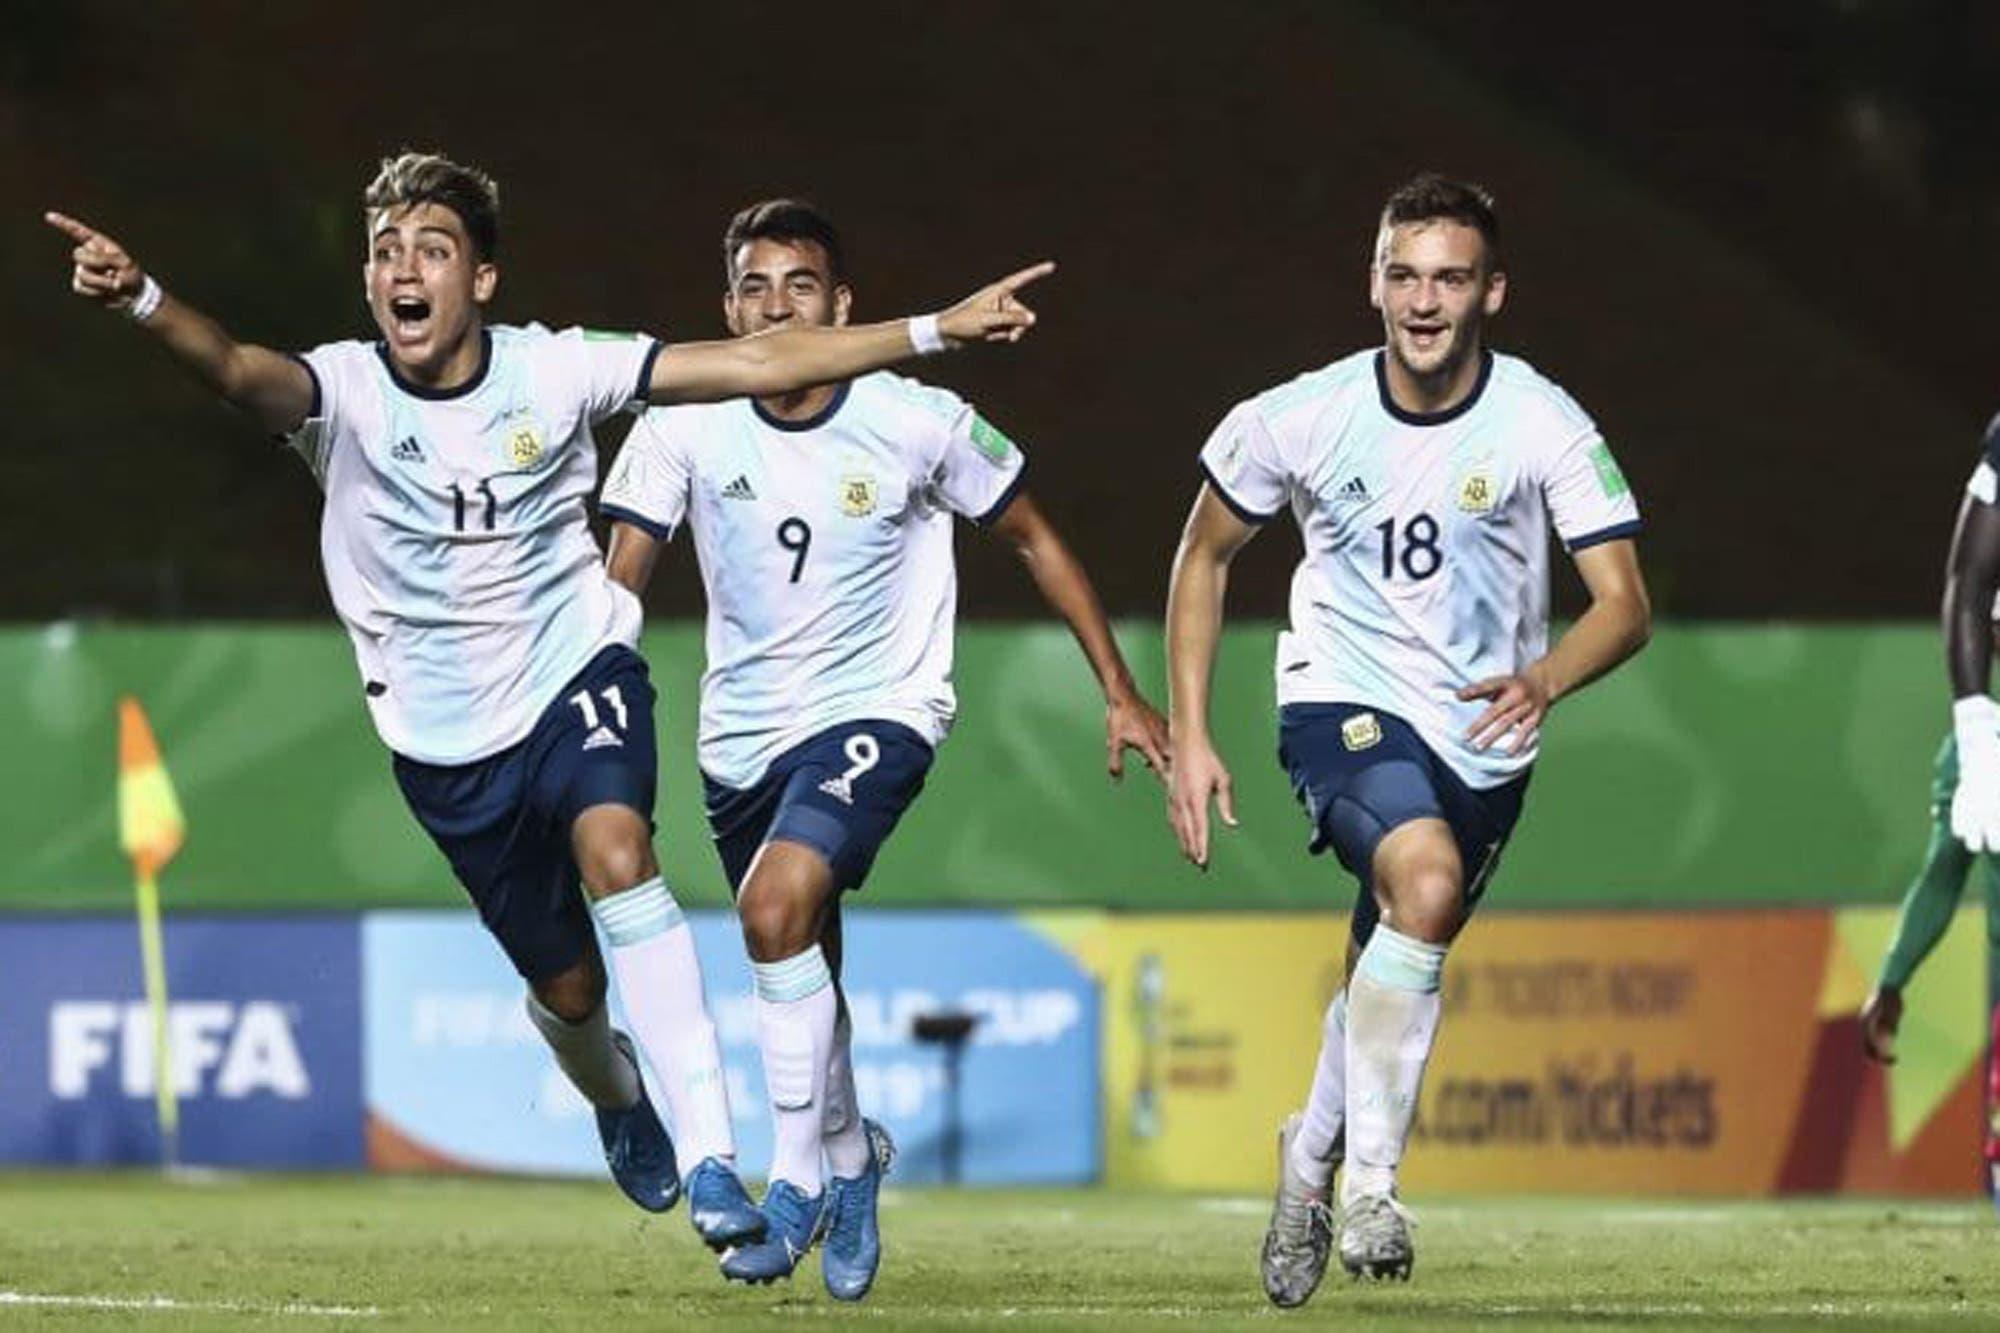 Argentina-Paraguay, por el Mundial Sub 17: el equipo de Aimar busca los cuartos de final